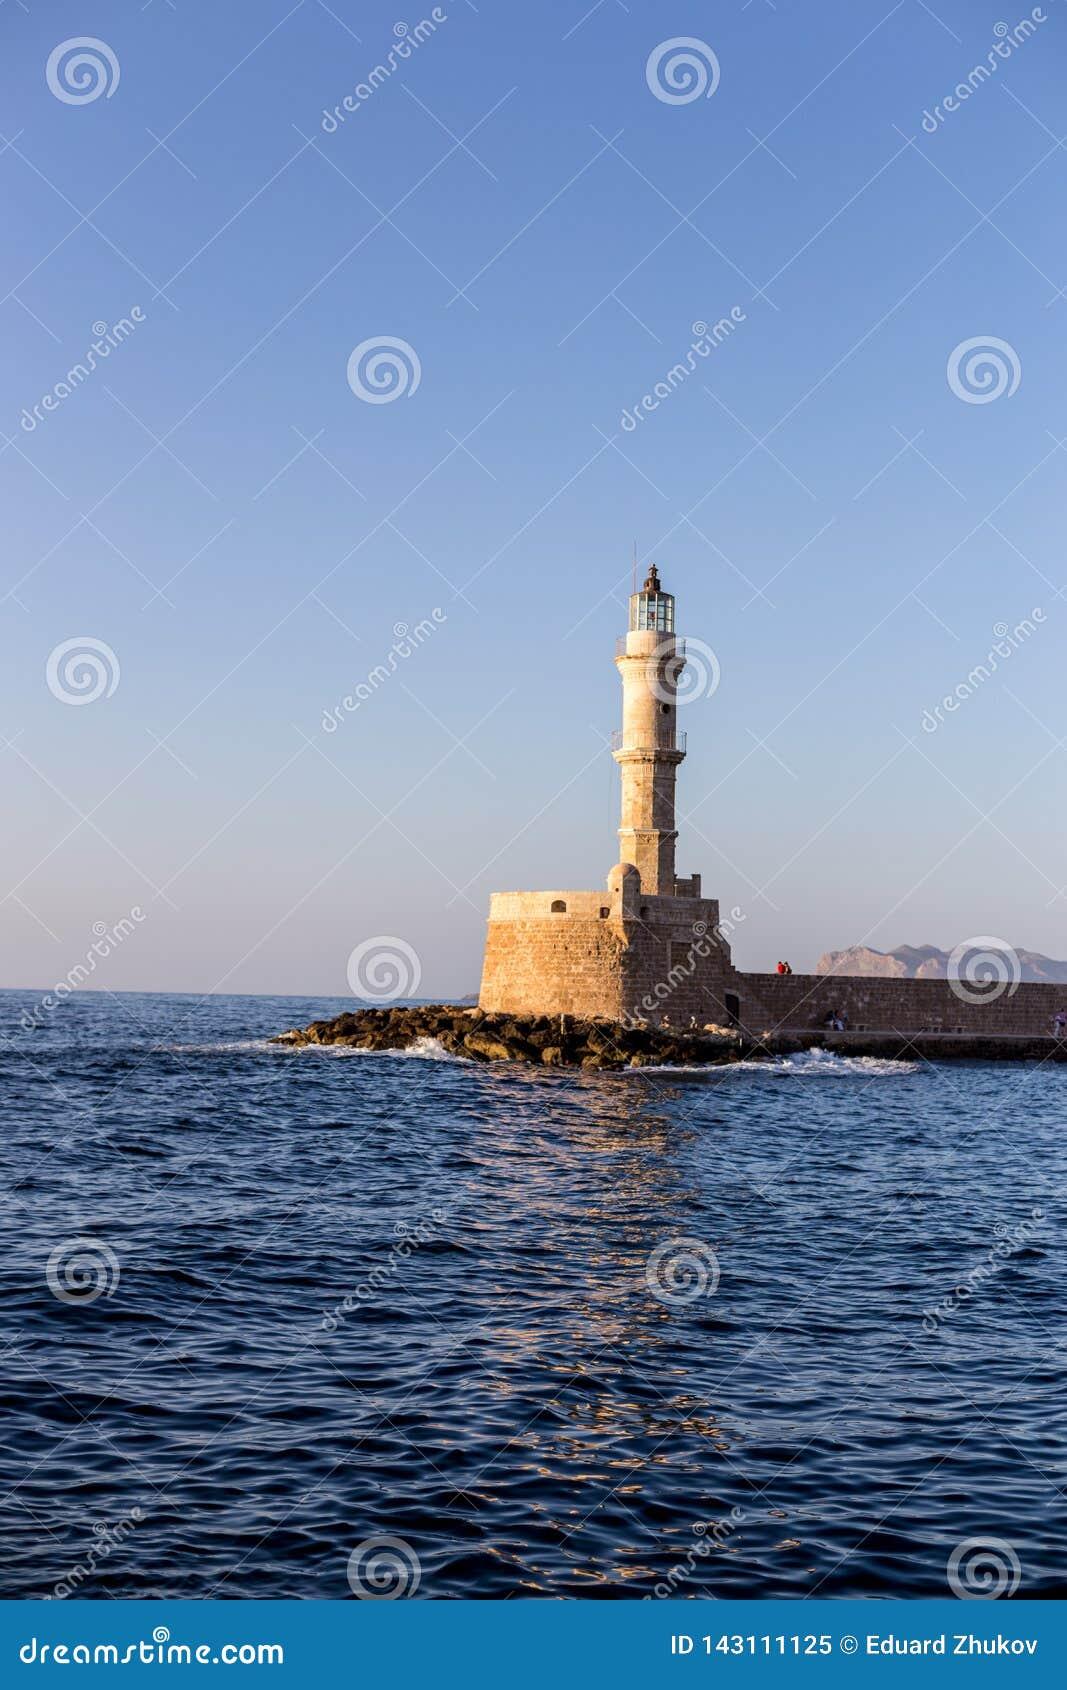 Leuchtturm im alten venetianischen Hafen in der goldenen Stunde Chania Kreta